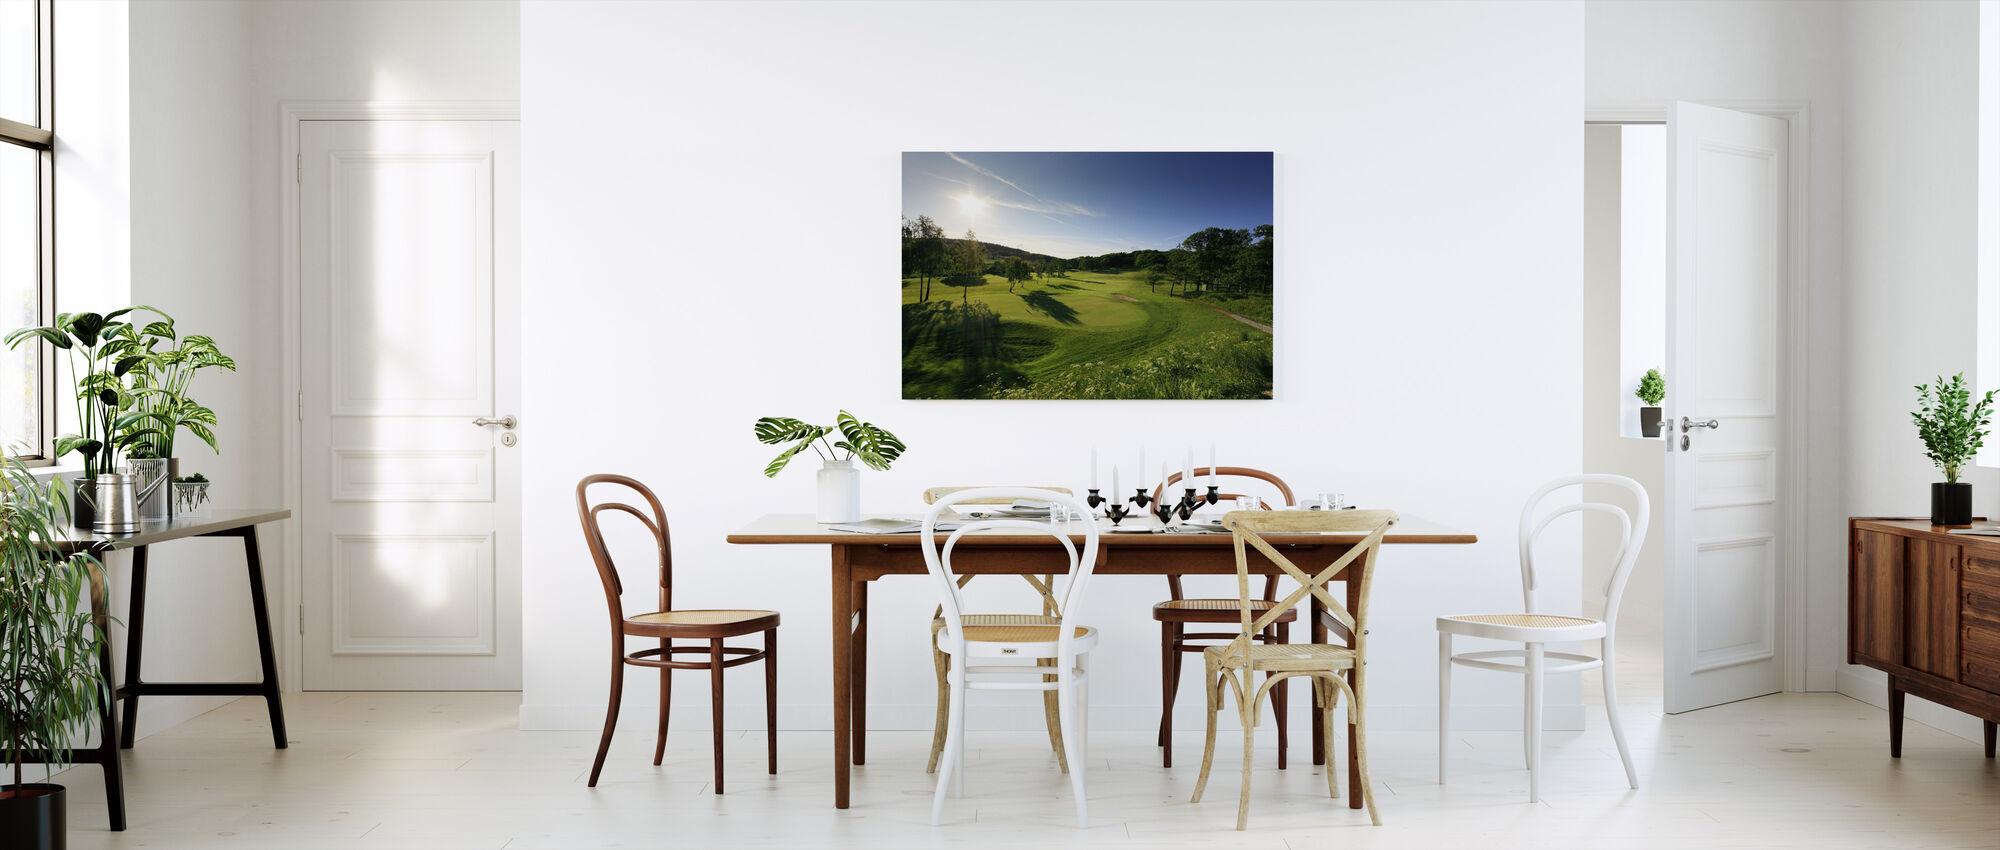 Golf Court in Gothenburg, Sweden - Canvas print - Kitchen